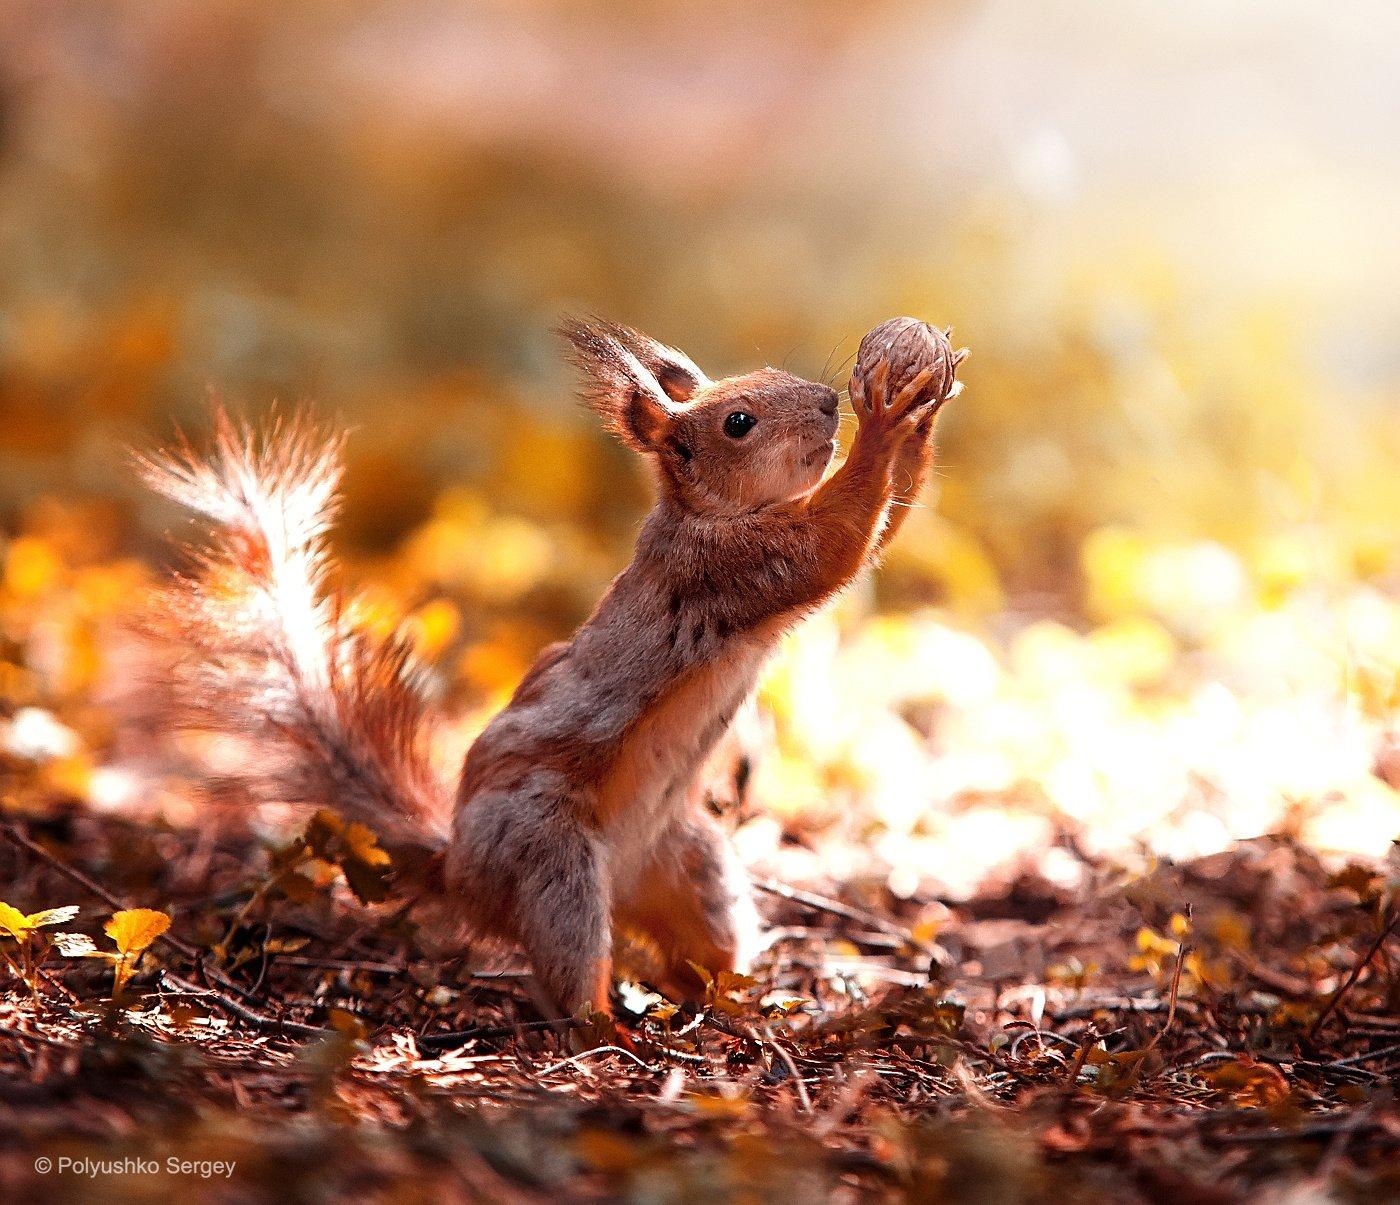 2015, Squirrel, Белка, Орех, Полюшко Сергей